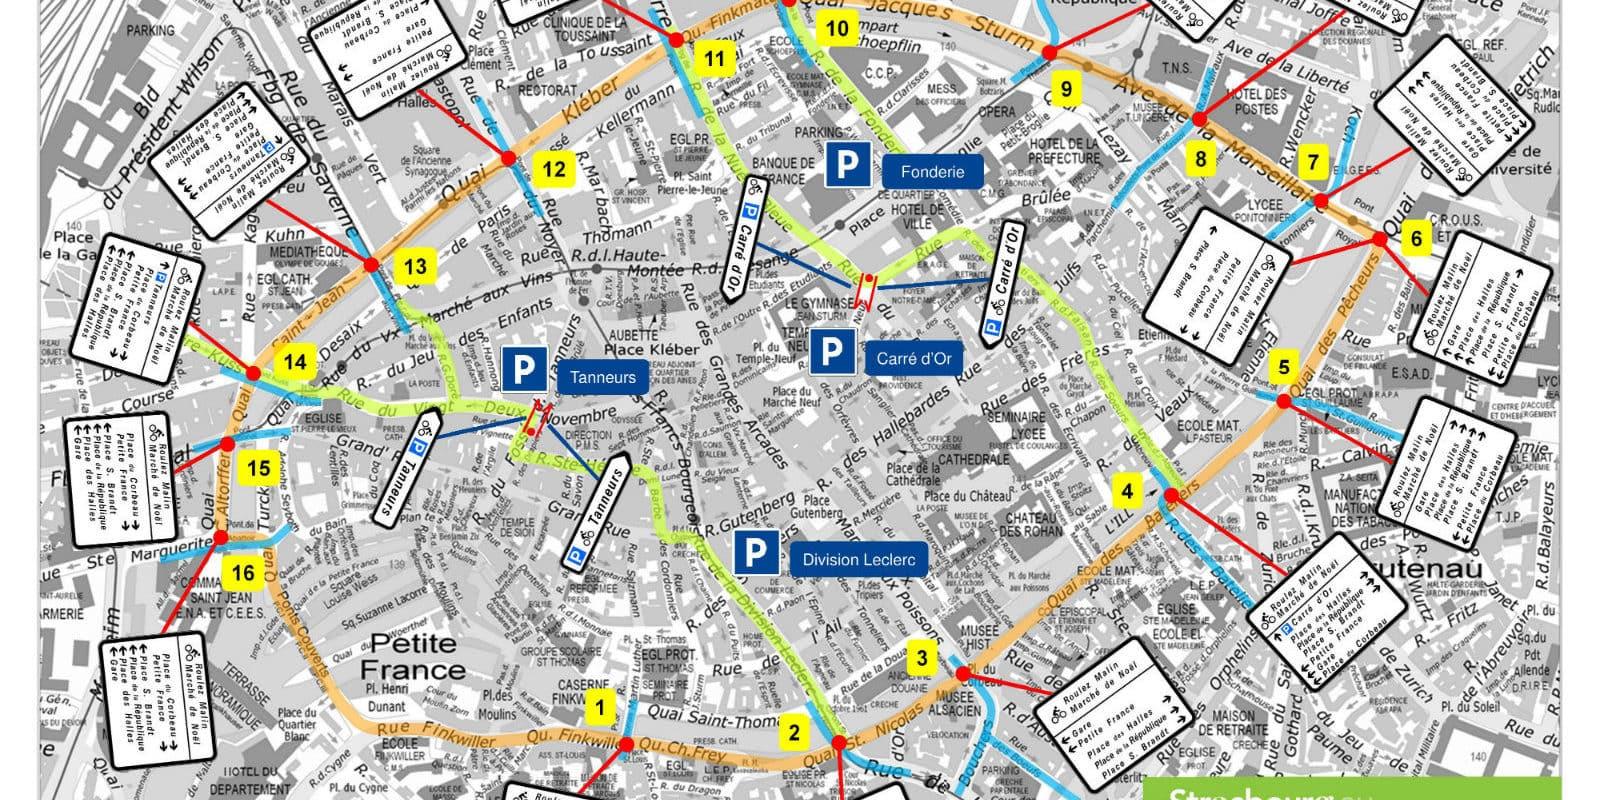 Le plan pour que le marché de Noël ne soit plus un enfer pour cyclistes